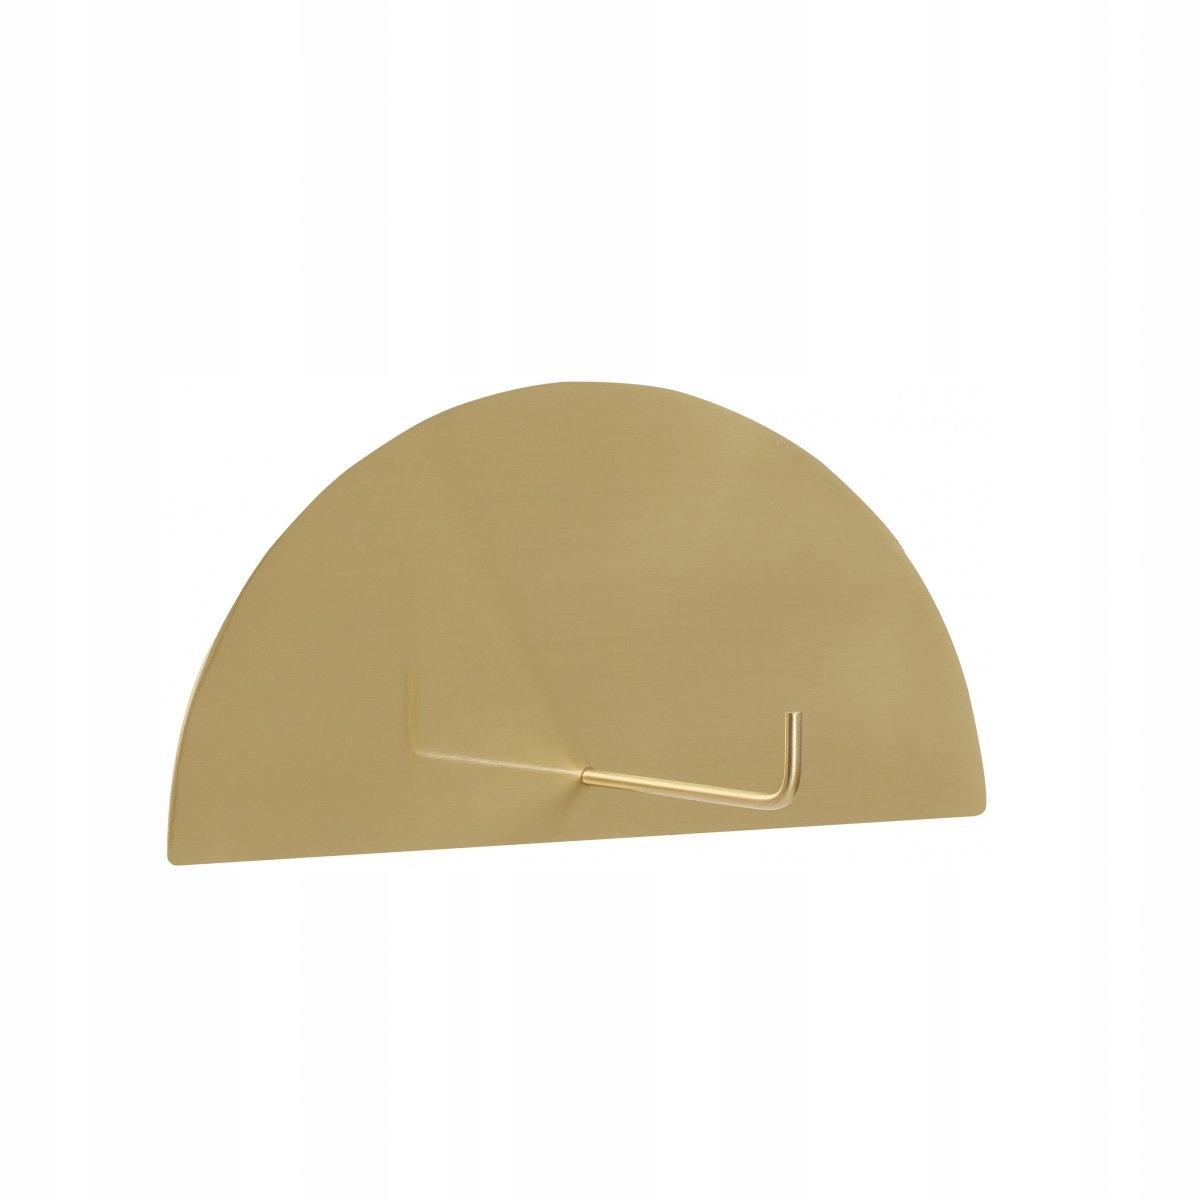 Držiak na toaletný papier Hubsch Záves zlatý